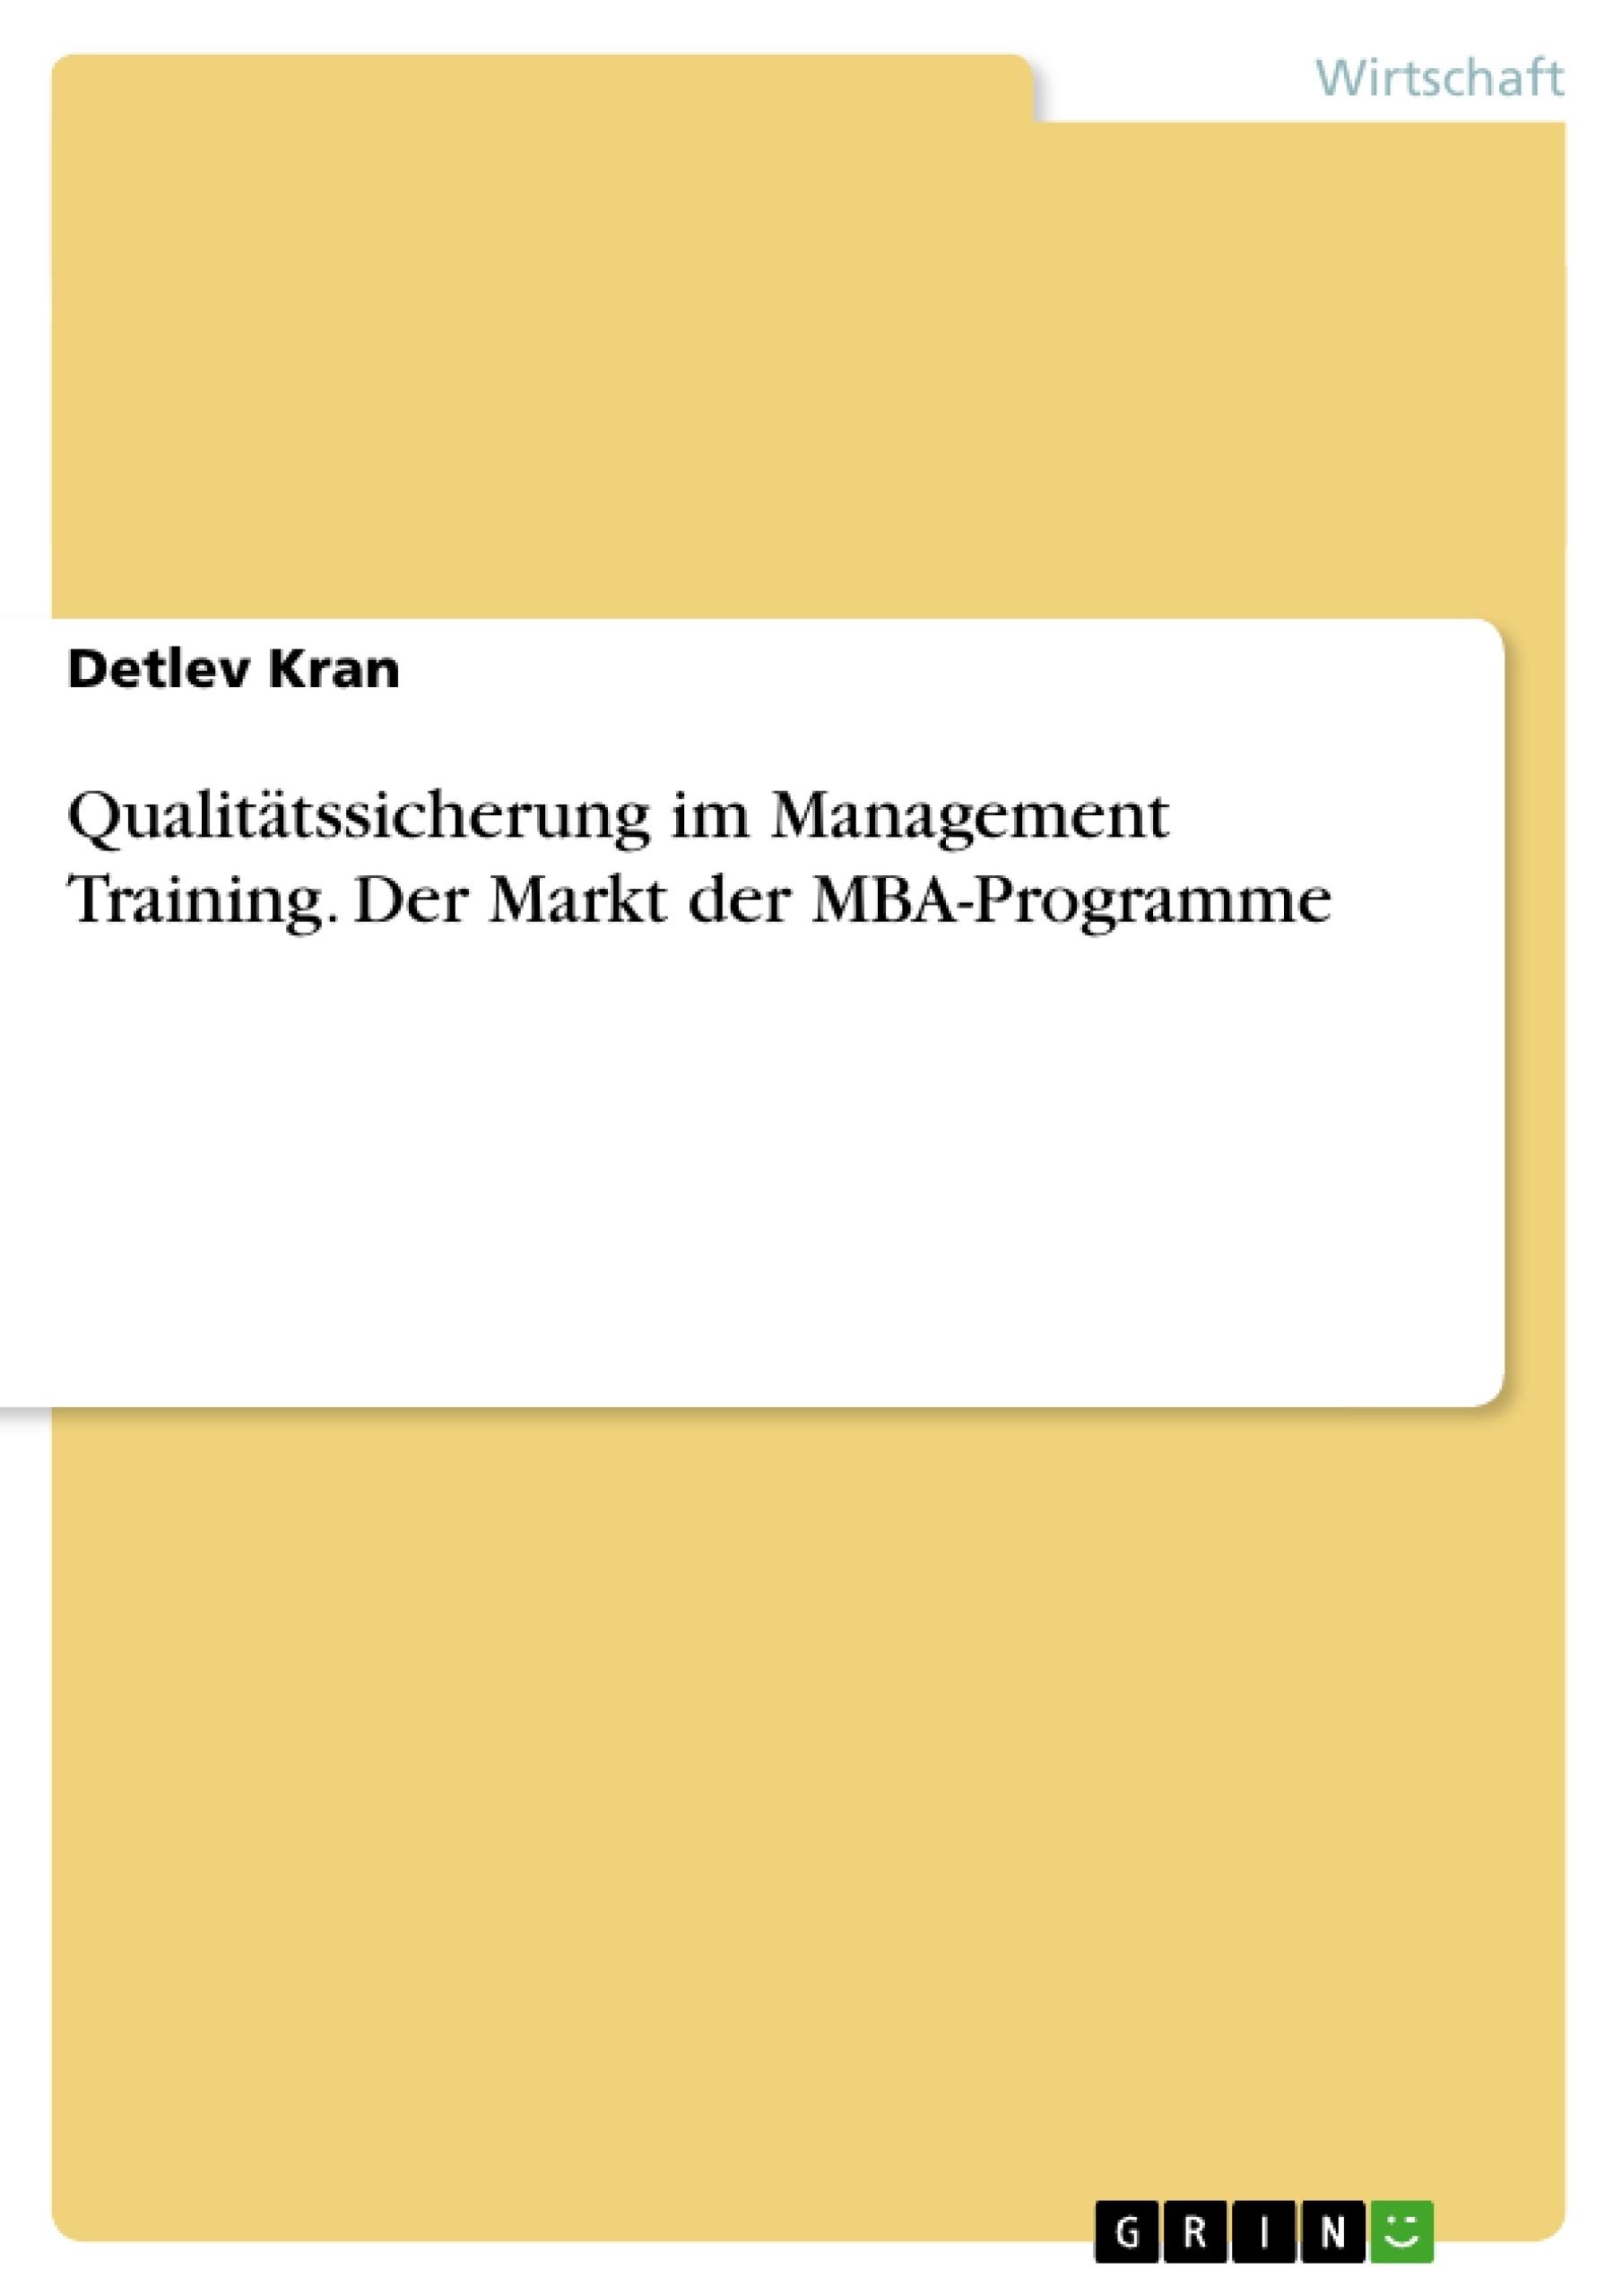 Titel: Qualitätssicherung im Management Training. Der Markt der MBA-Programme